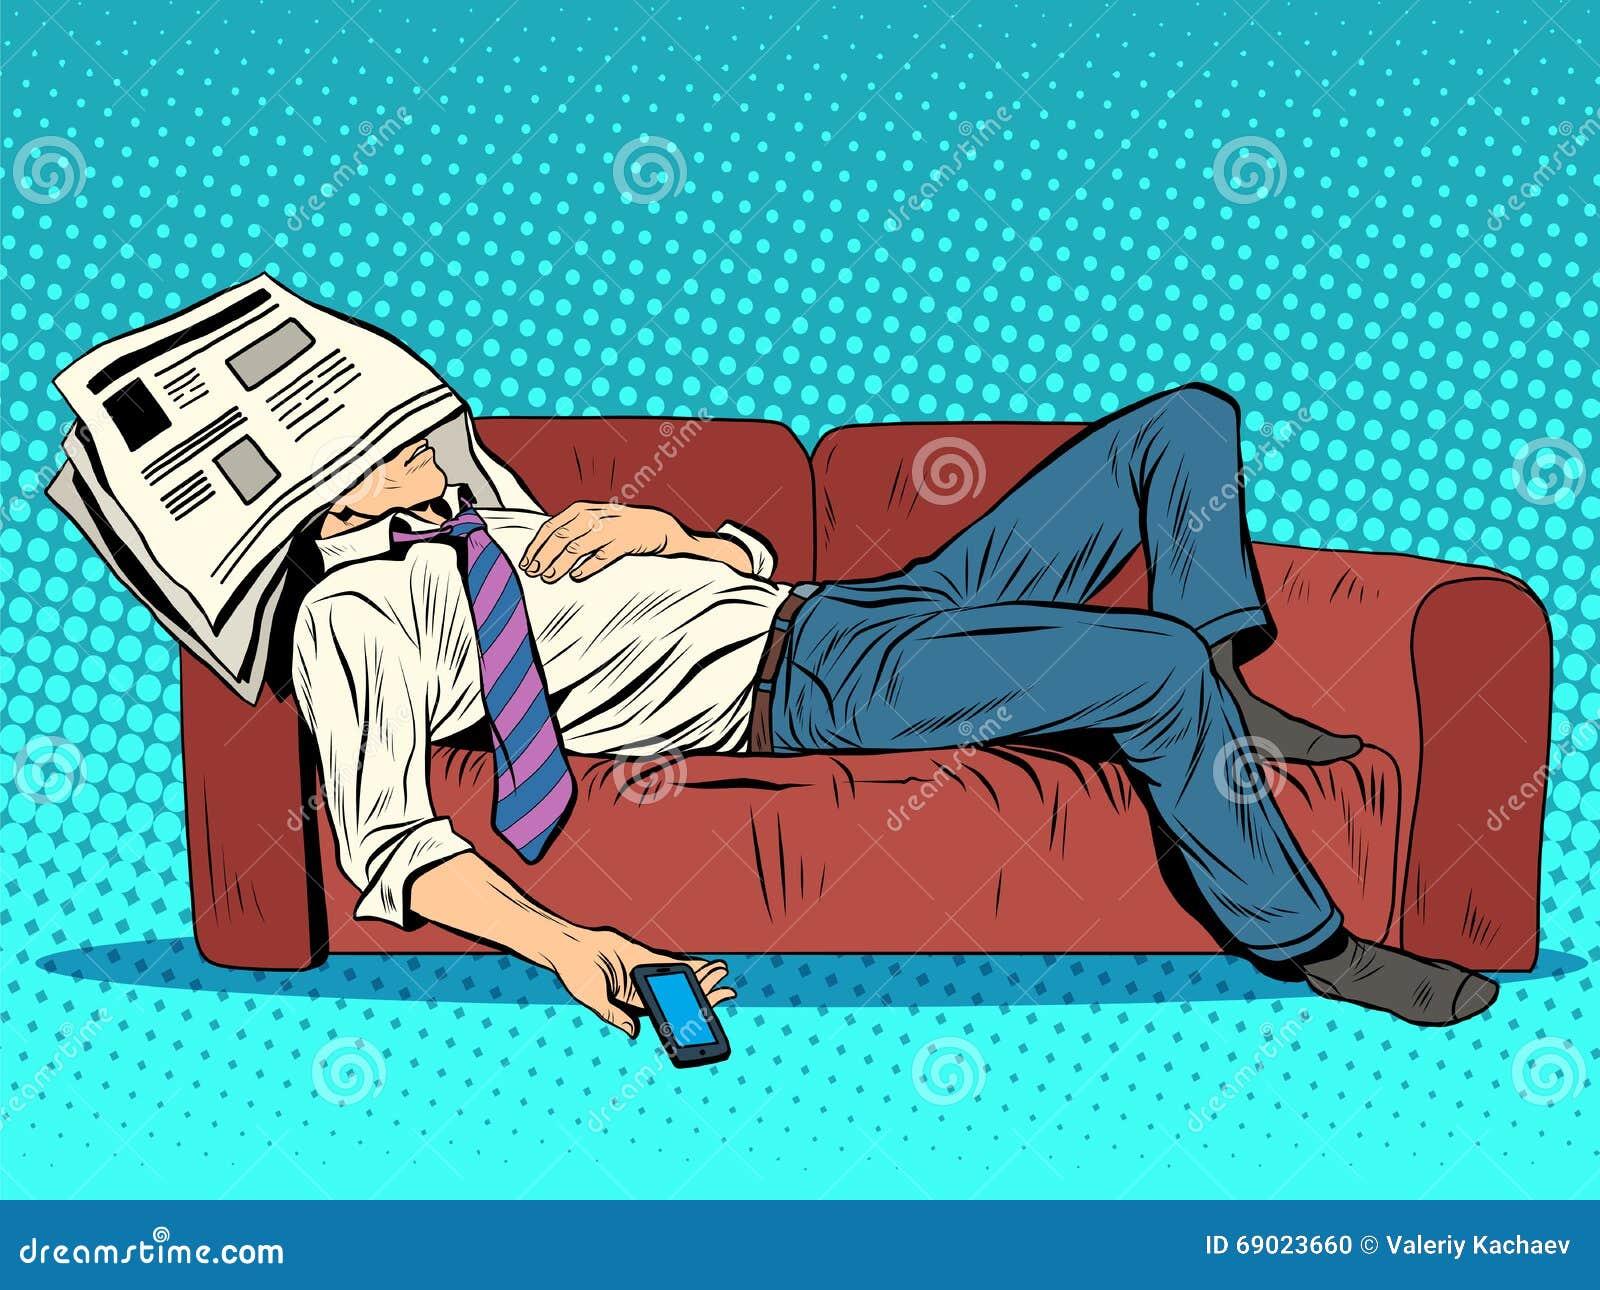 Рисуем спящих людей